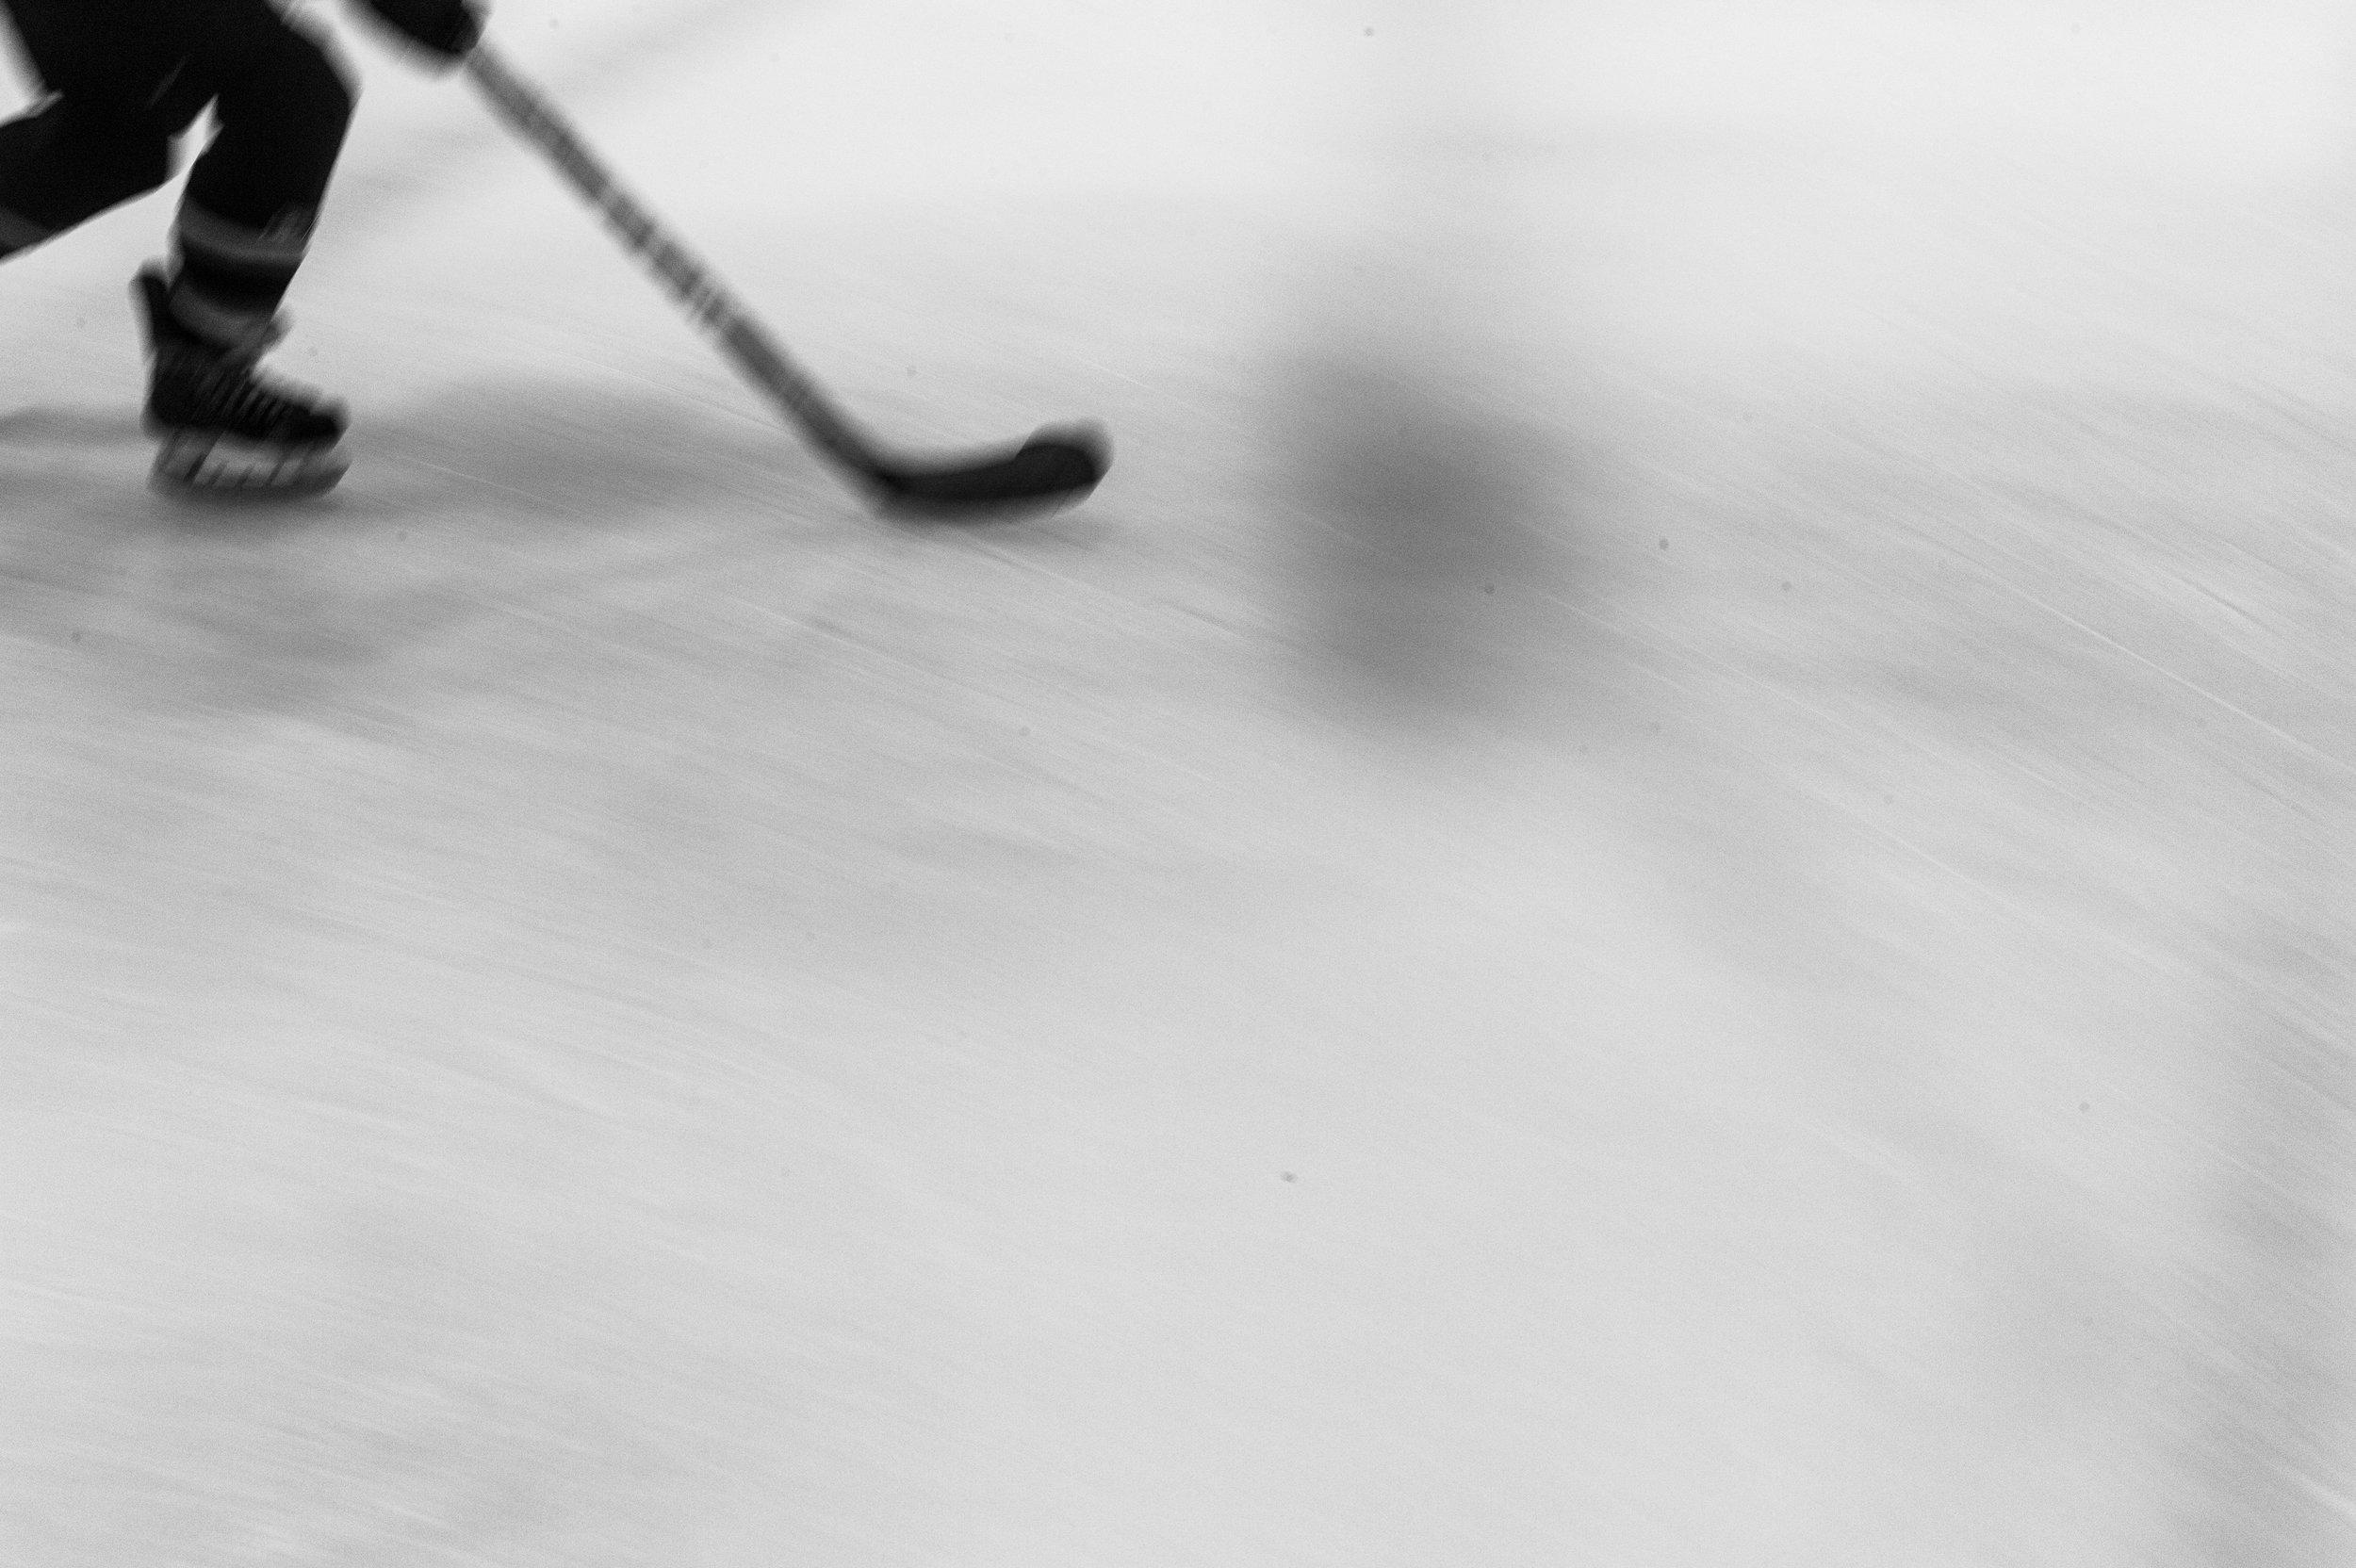 ice_hockey-065.jpg